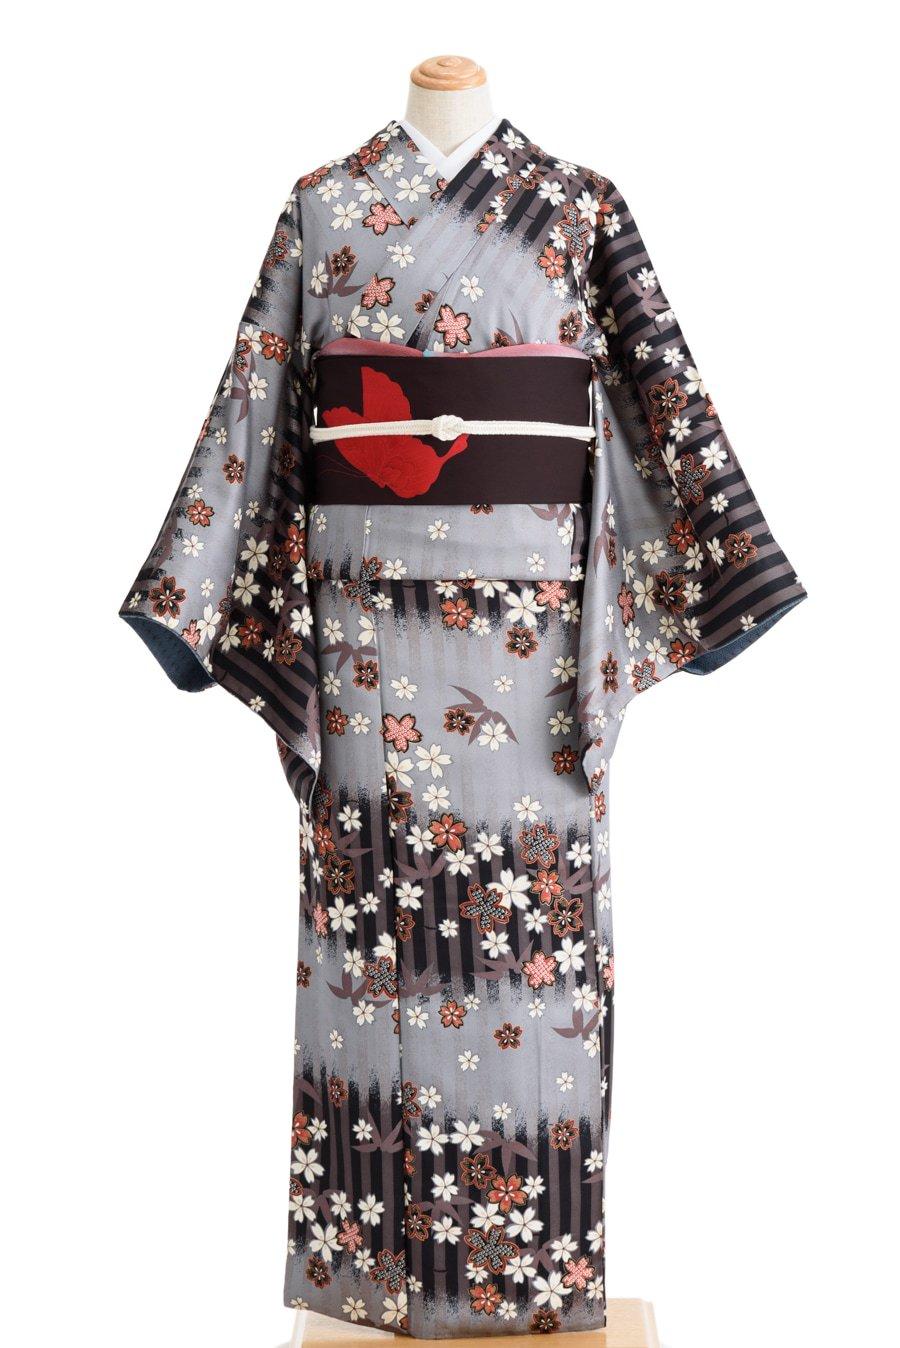 「竹の縞に桜」の商品画像